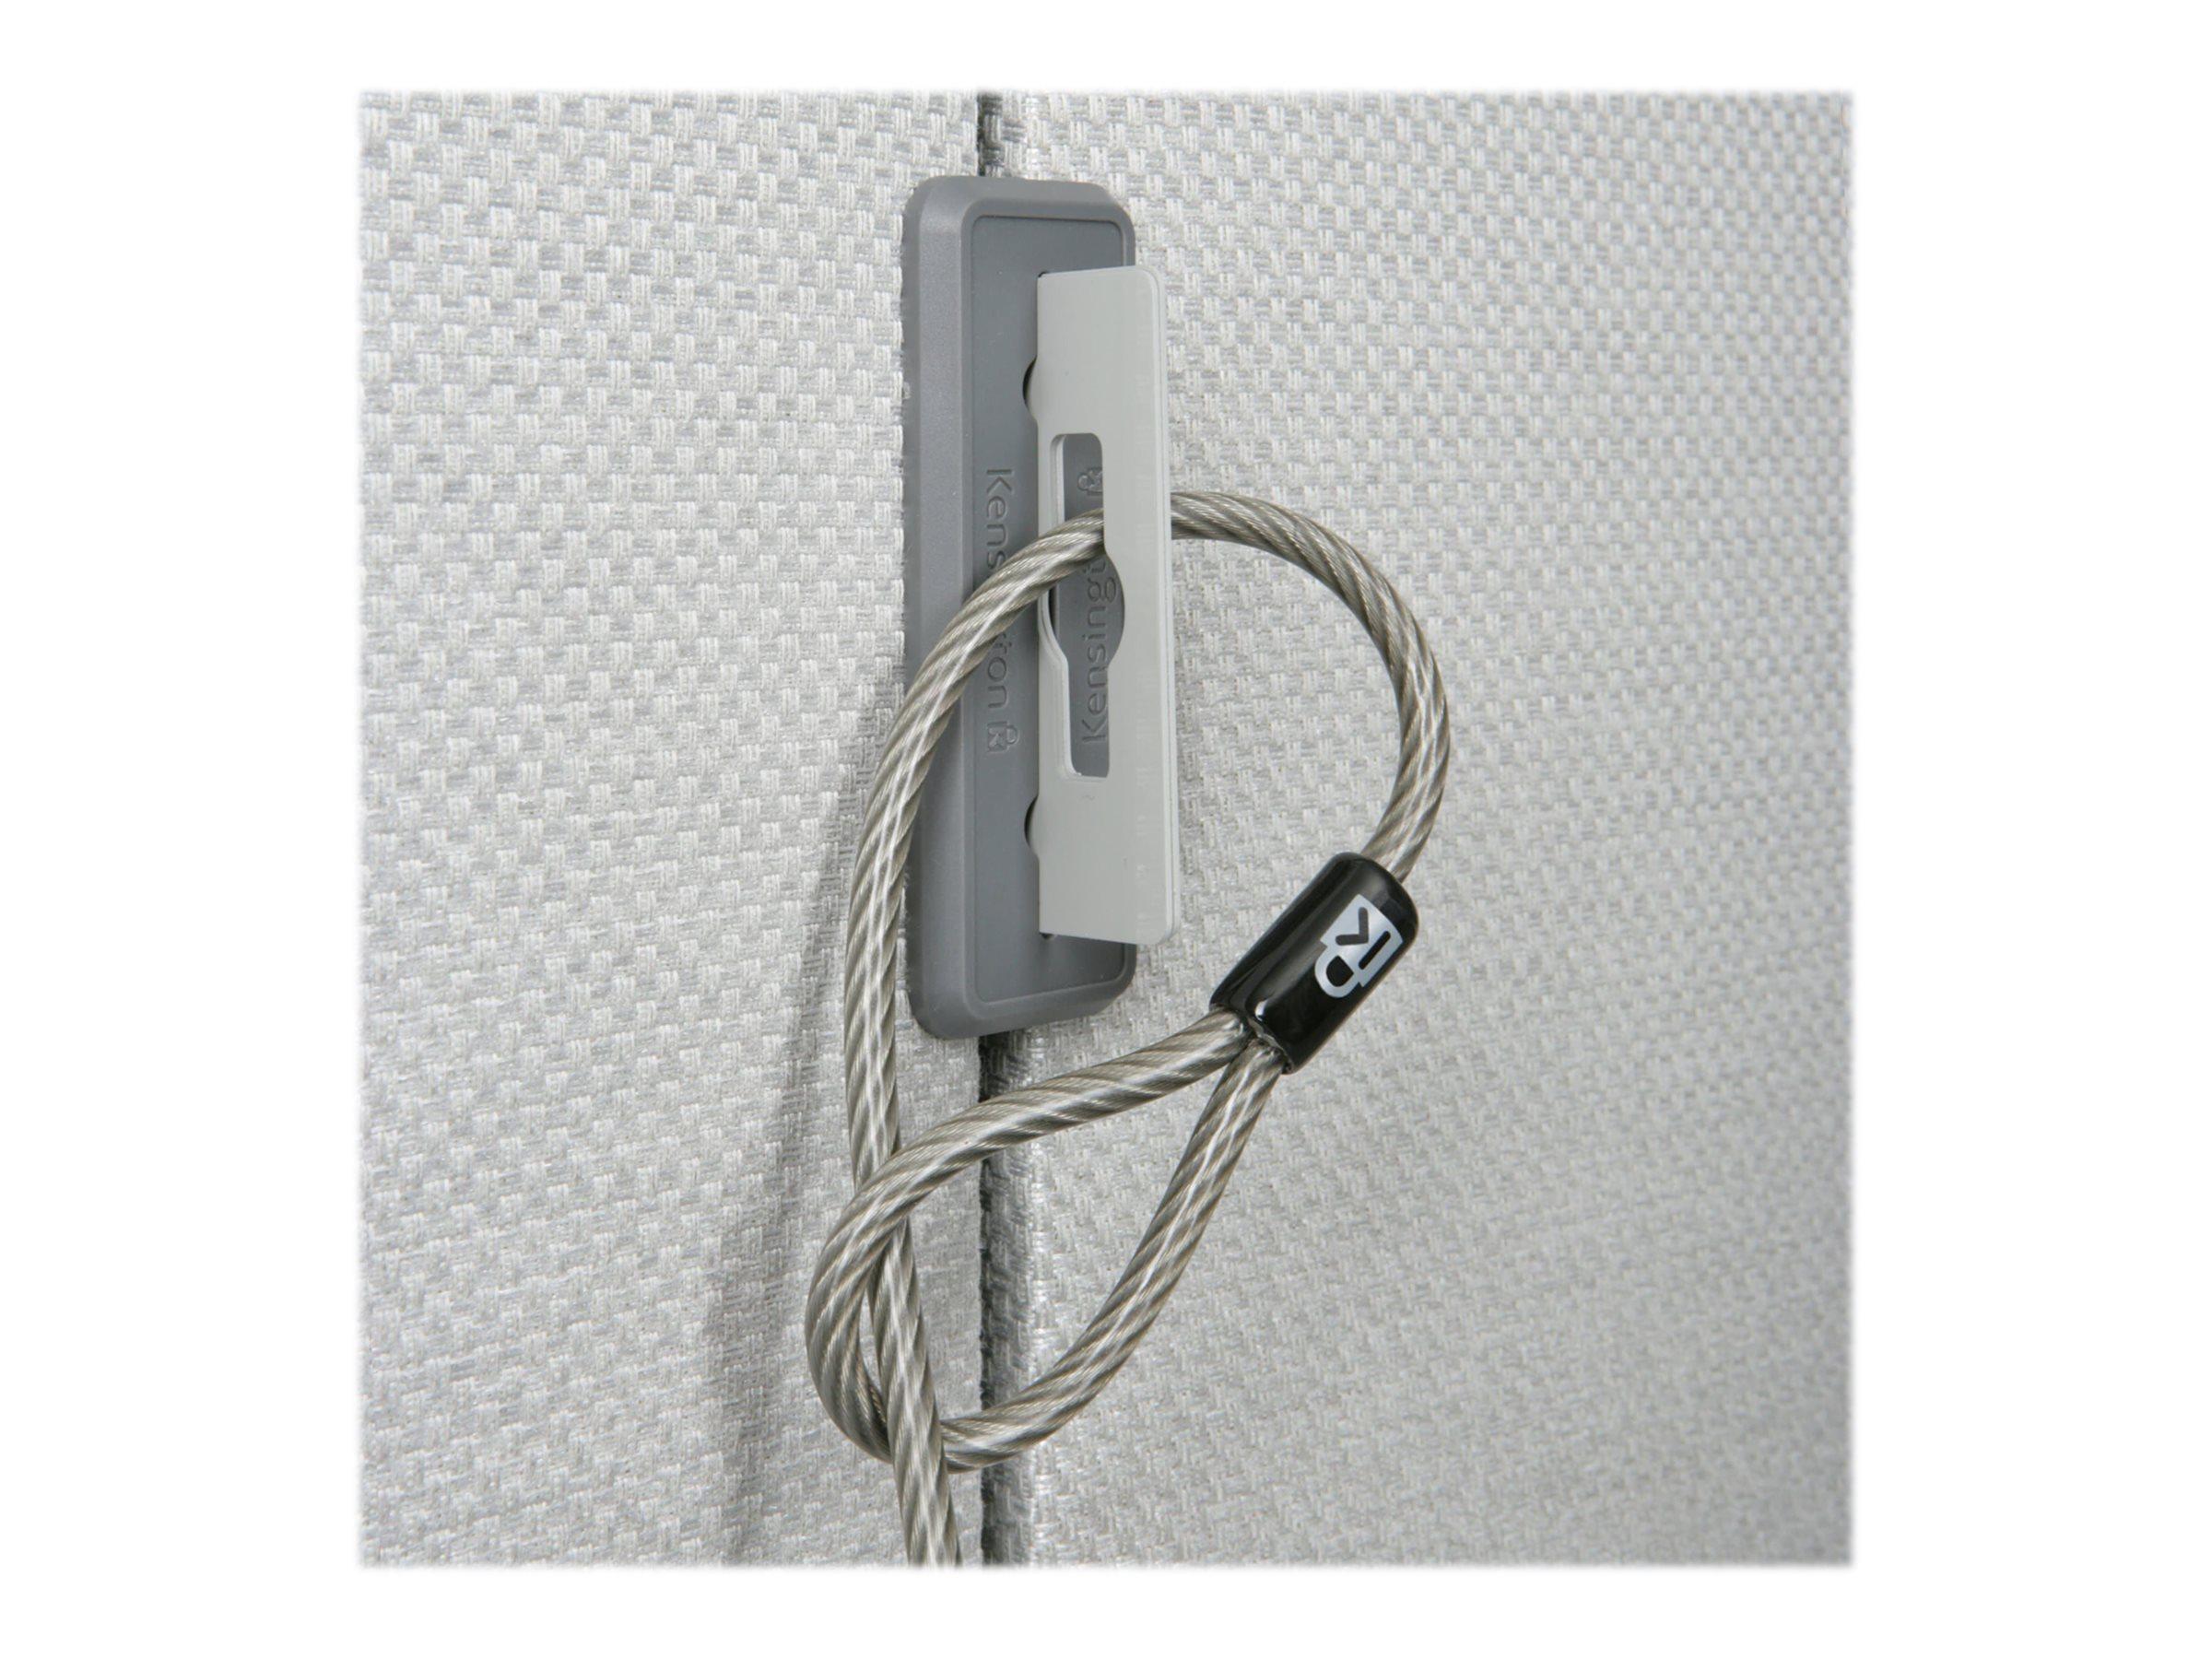 Kensington Partition Cable Anchor lock anchor